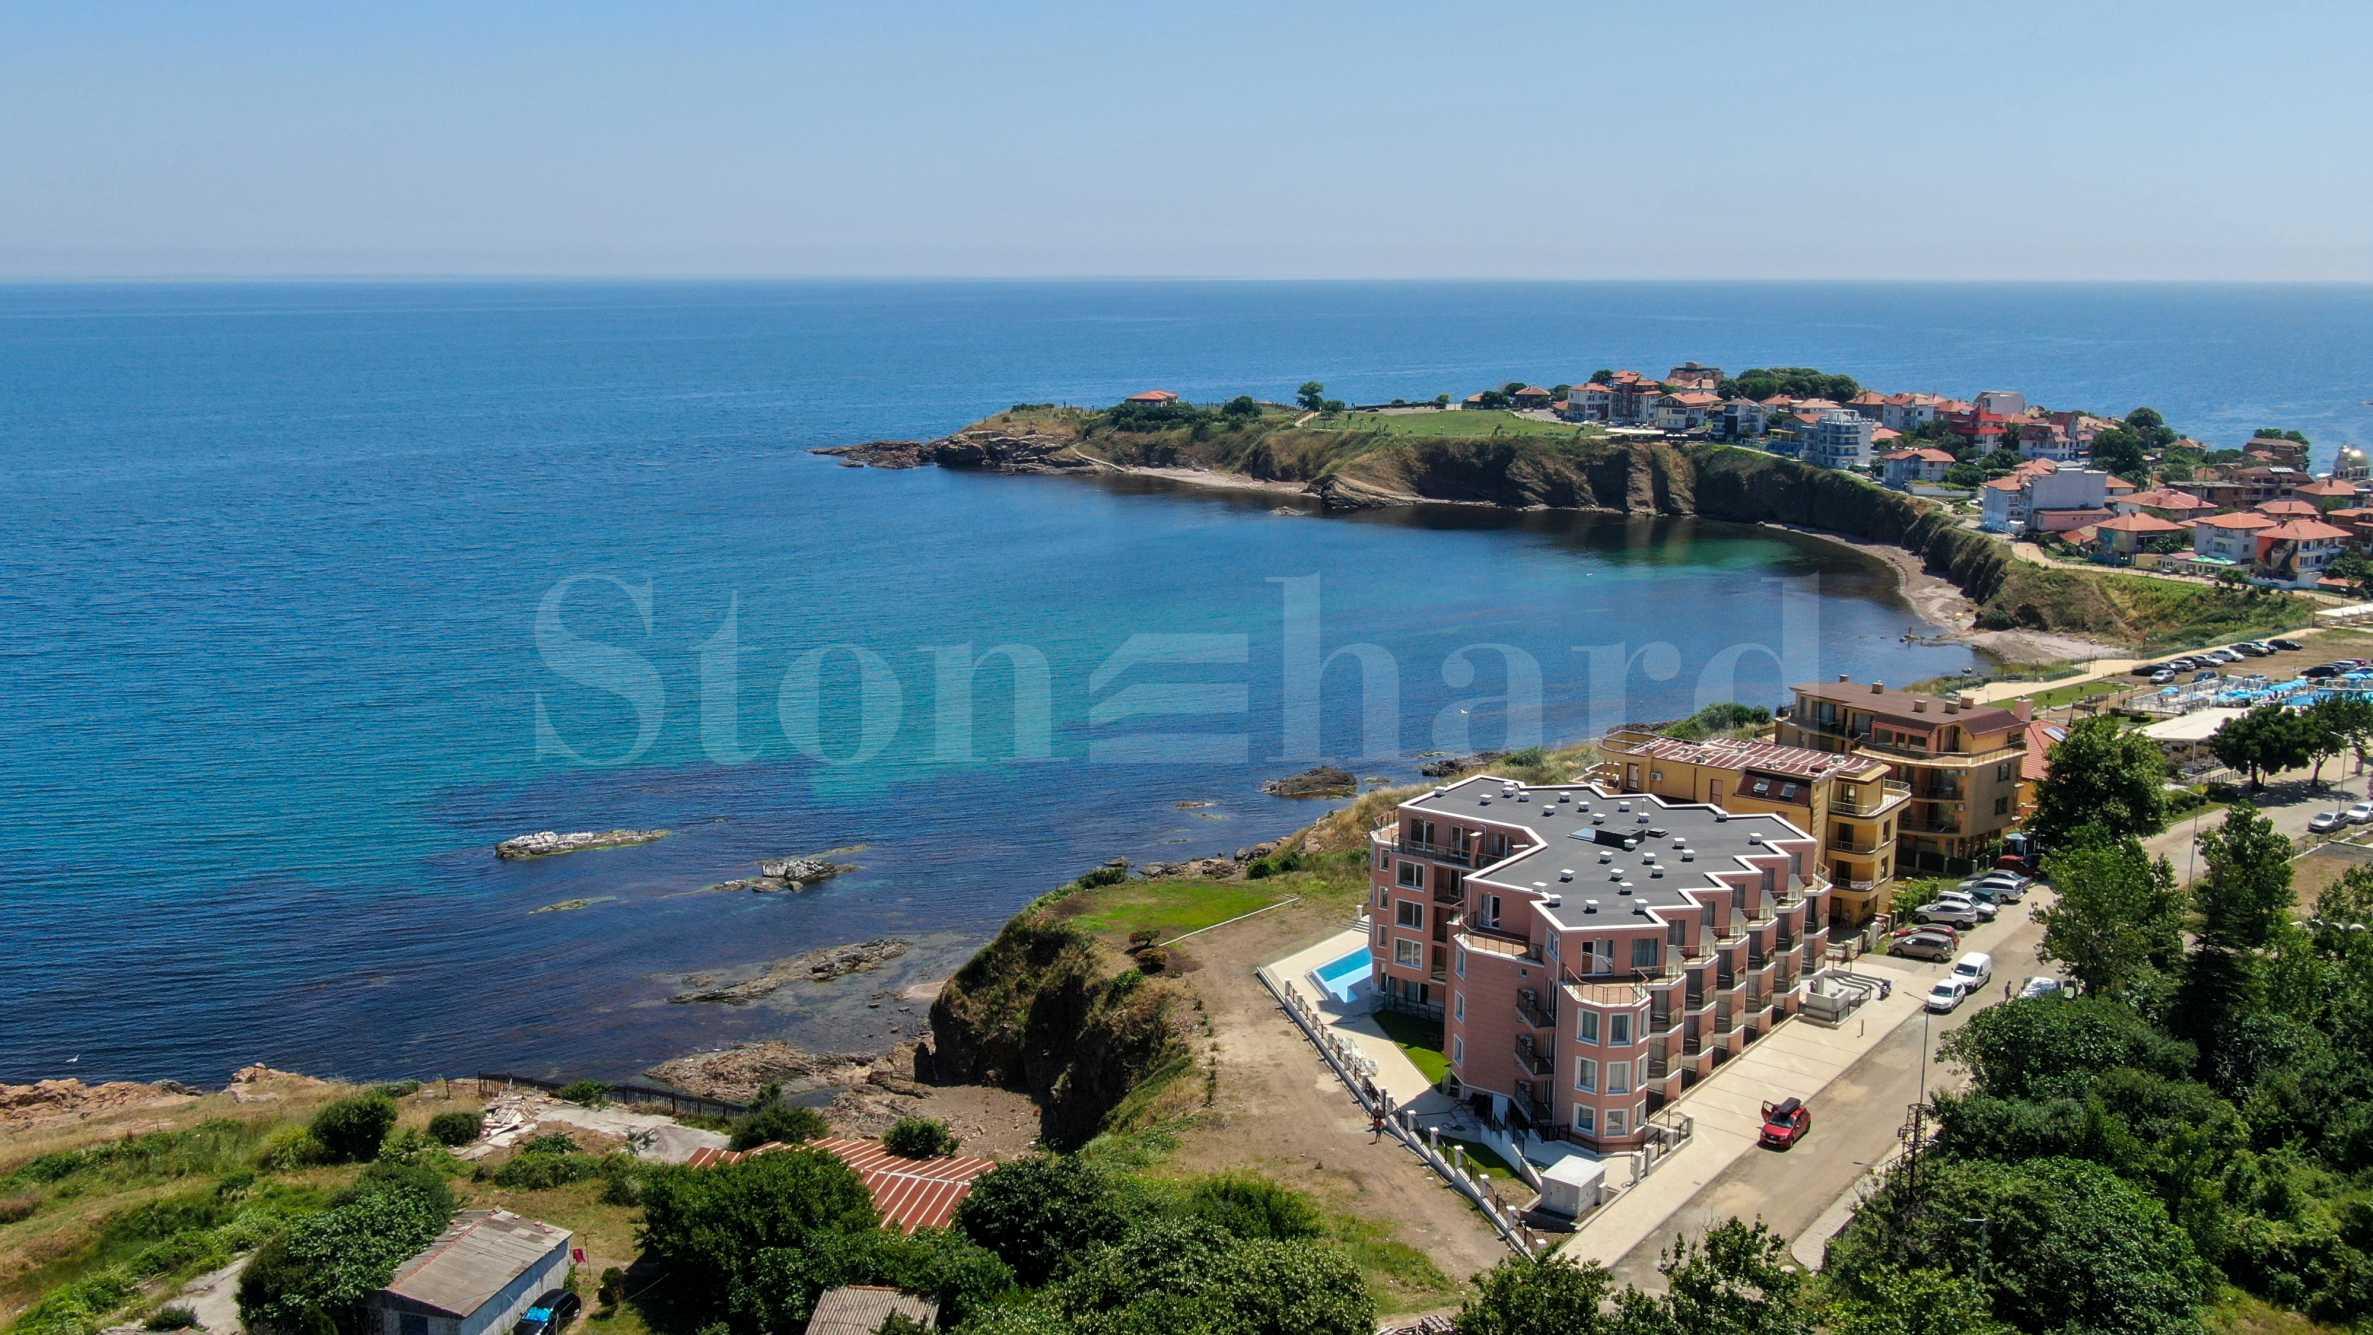 Бутикови апартаменти на брега на морето в Ахтопол1 - Stonehard